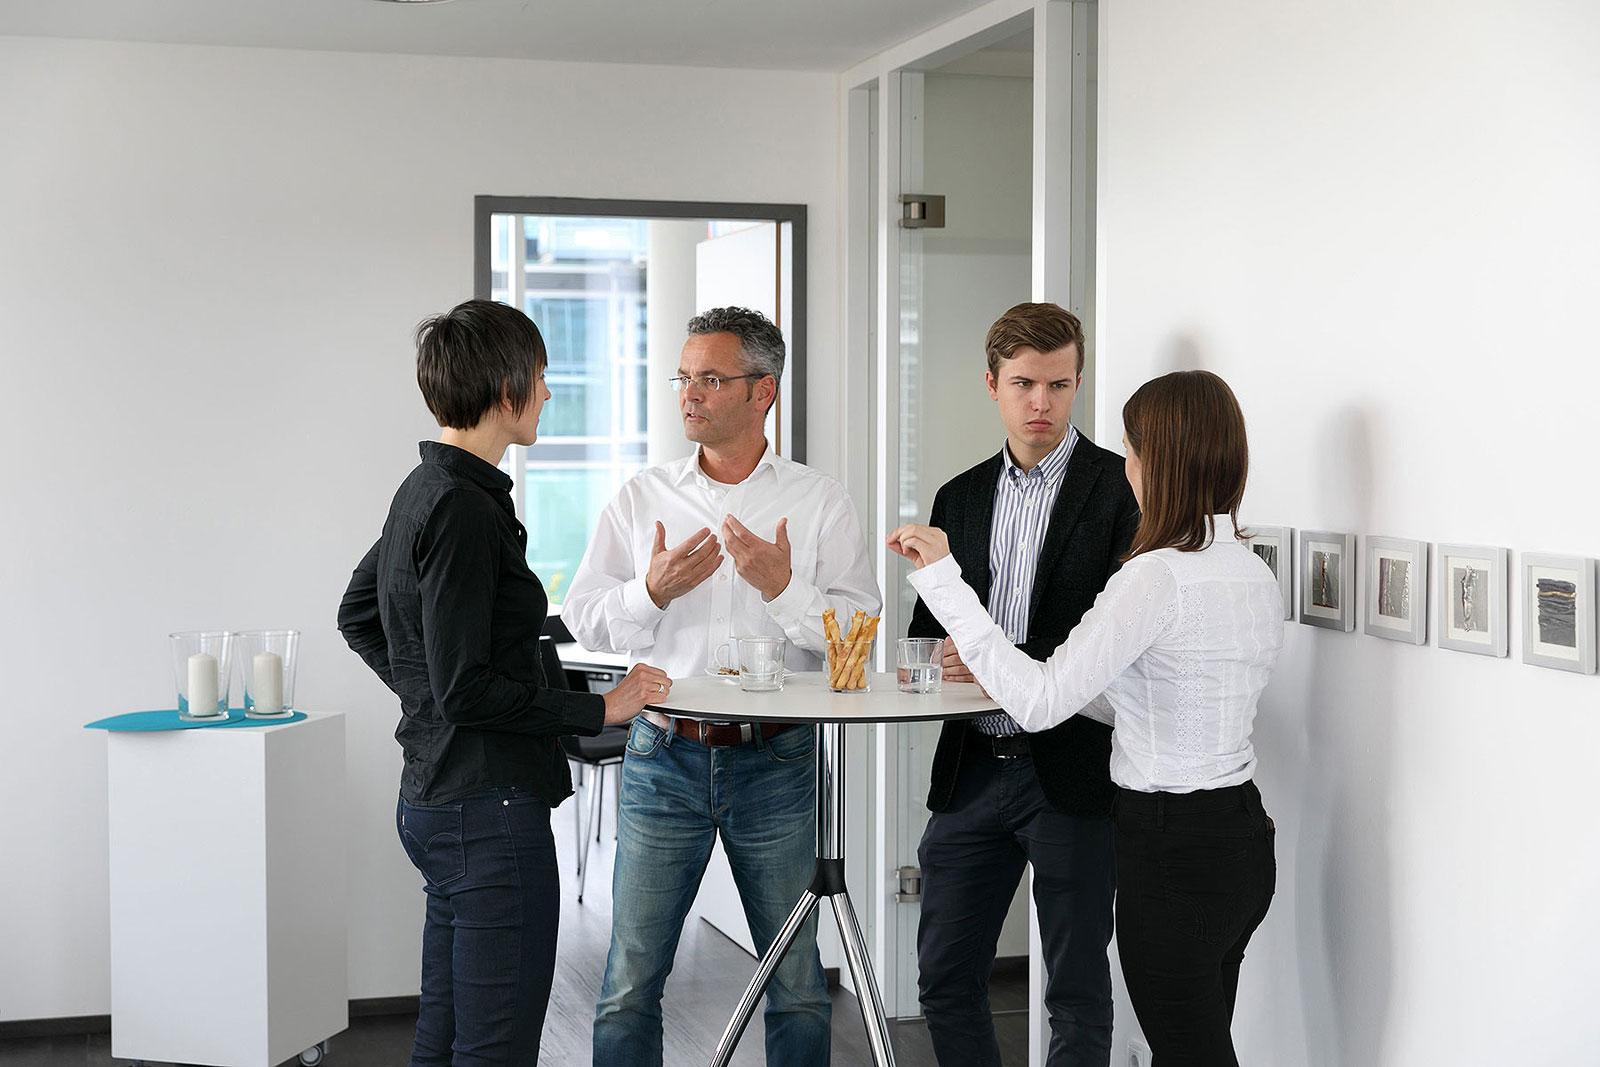 Bonn Besprechung Raum mieten Am Bonner Bogen